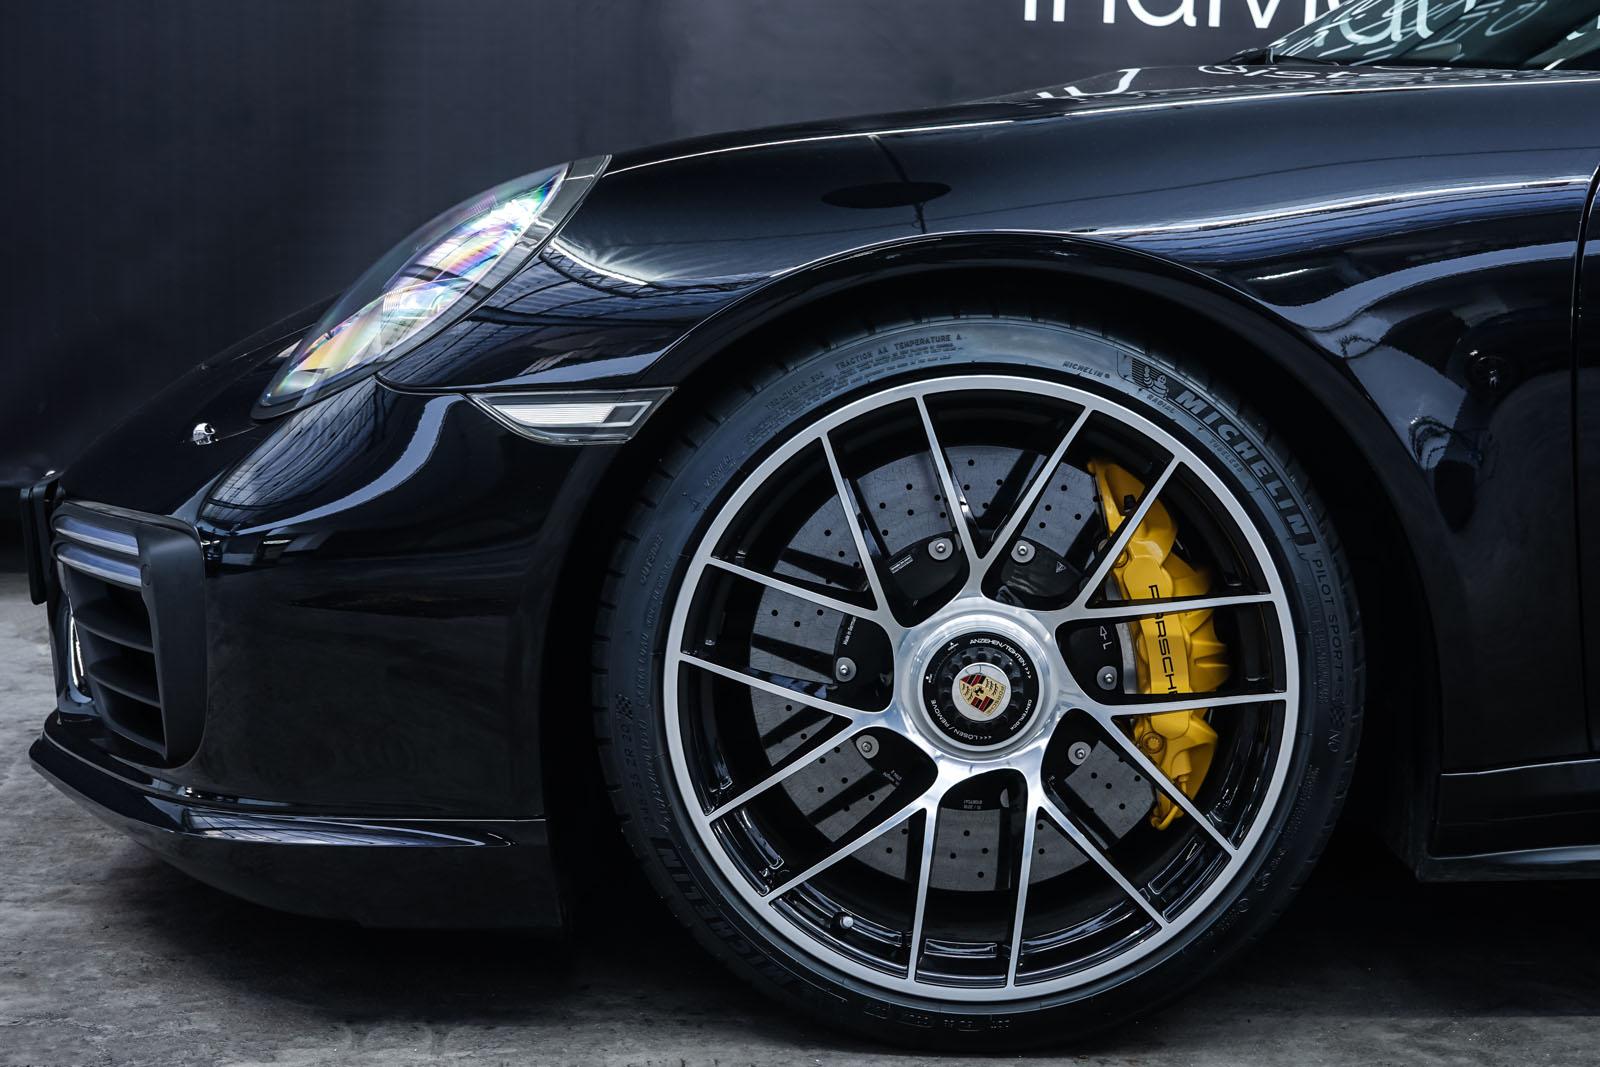 Porsche_991_TurboS_Cabrio_Schwarz_Braun_POR-9733_3_w